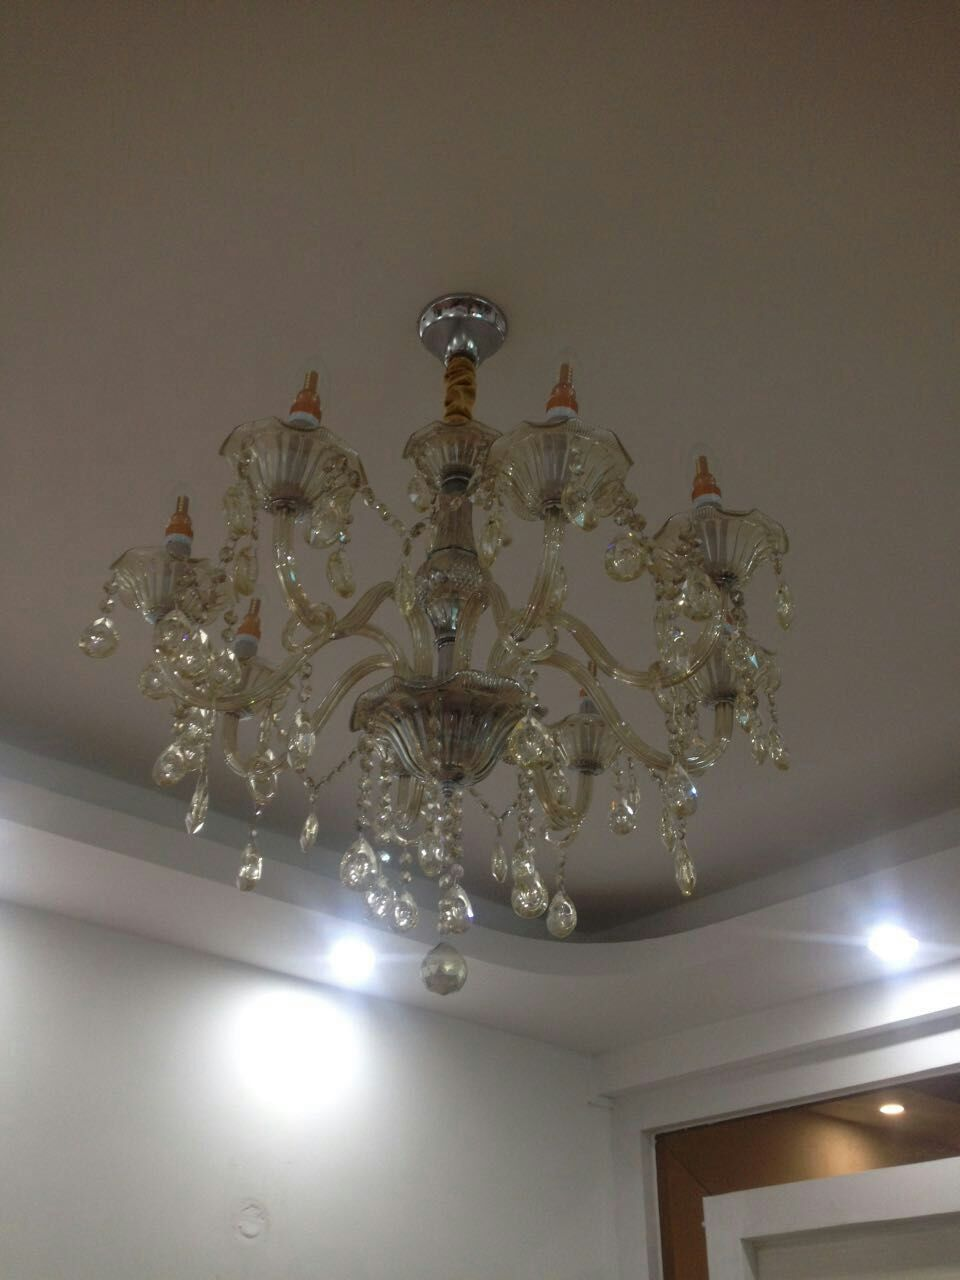 水晶灯灯头_led客厅欧式水晶灯